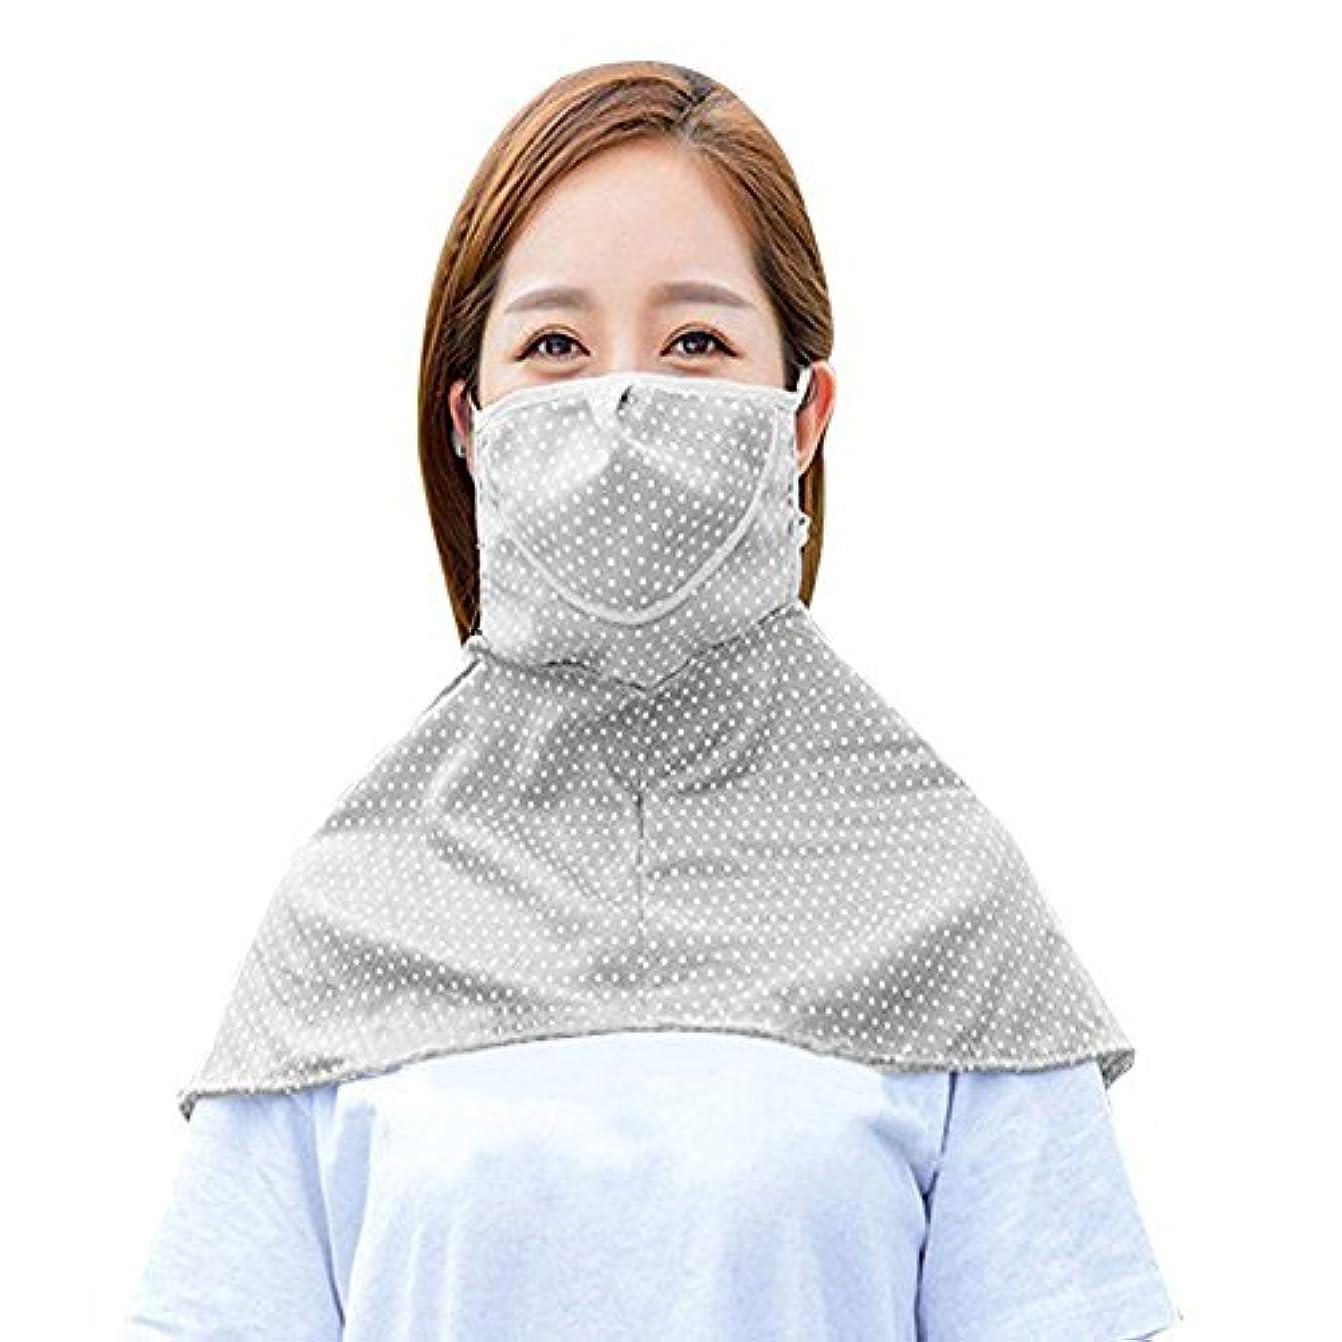 小道紛争ターミナルPureNicot 日焼け防止 フェイスマスク UVカット 紫外線対策 農作業 ガーデニング レディース 首もともガード 3D UVマスク (グレー ドット)